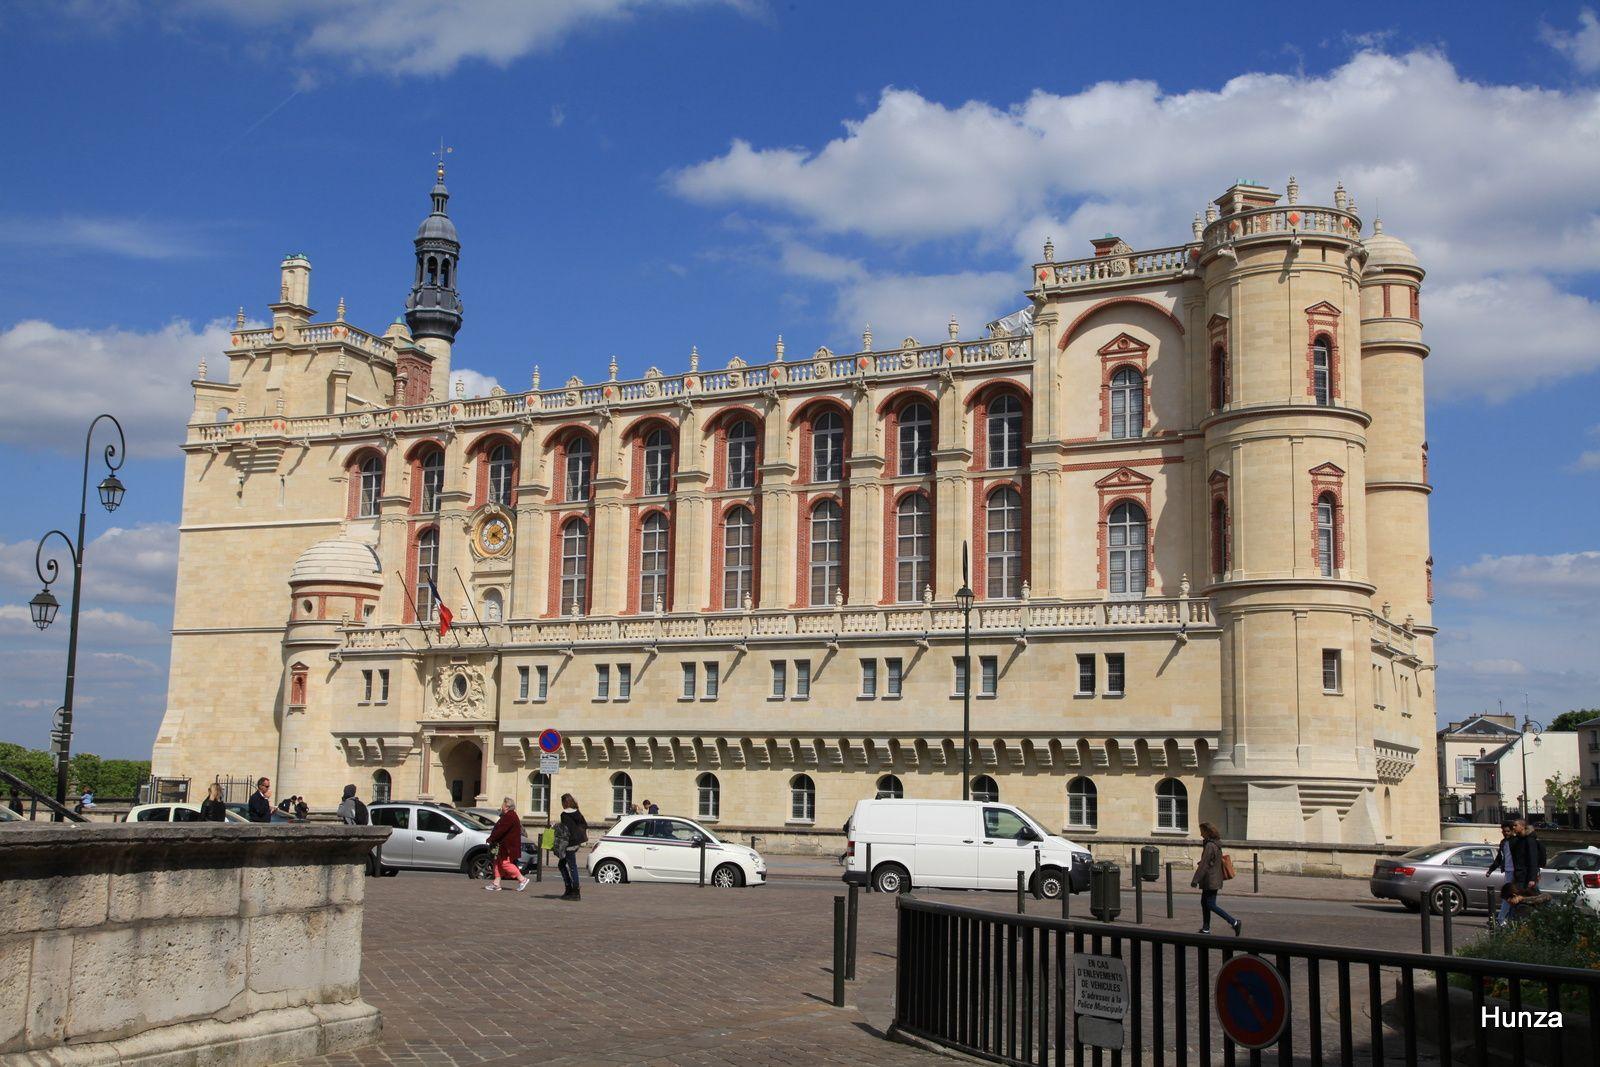 Le château qui abrite le musée d'archéologie nationale